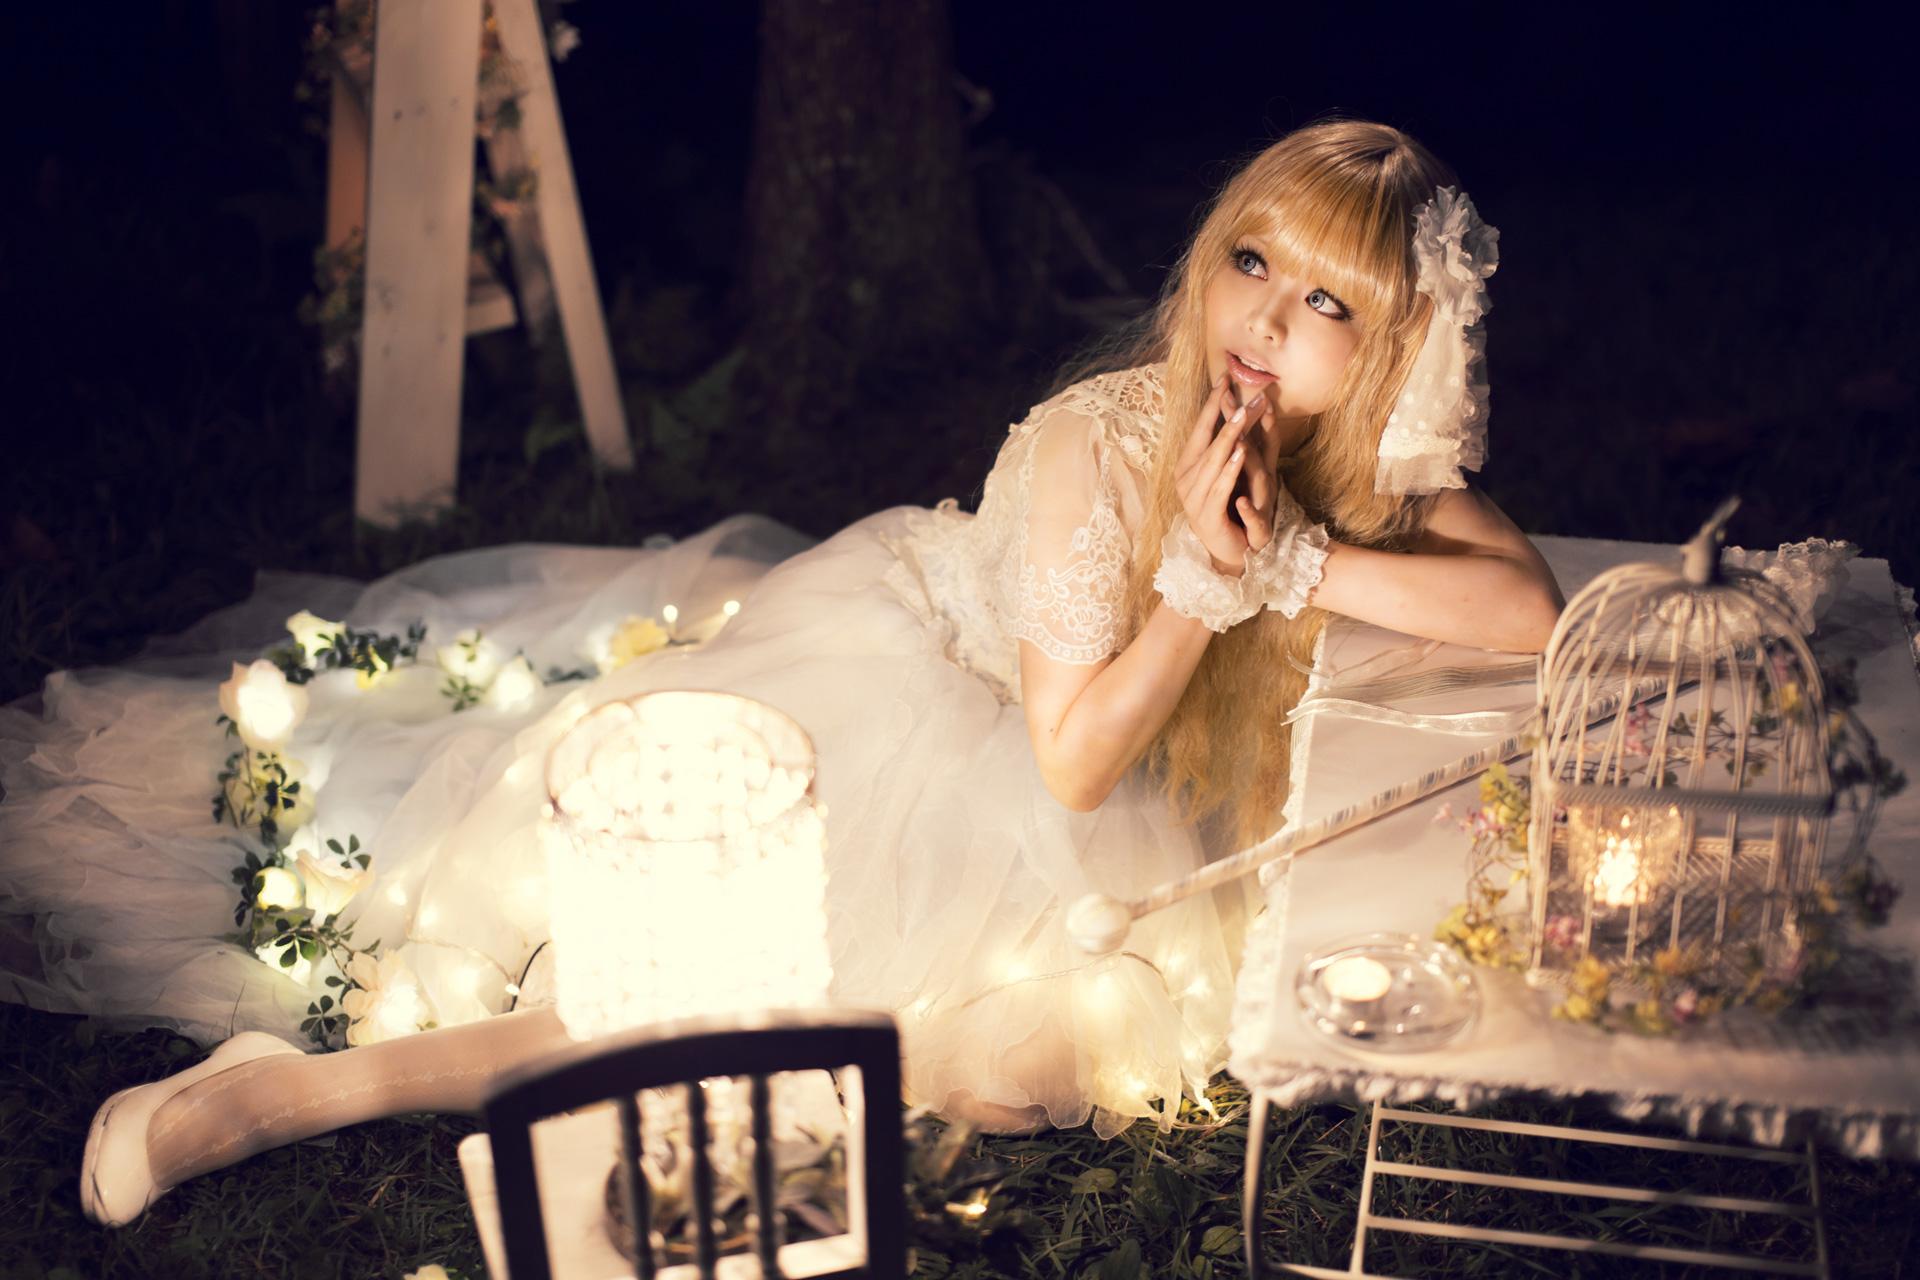 Dream@オリジナル衣装 モデル:弥生さん